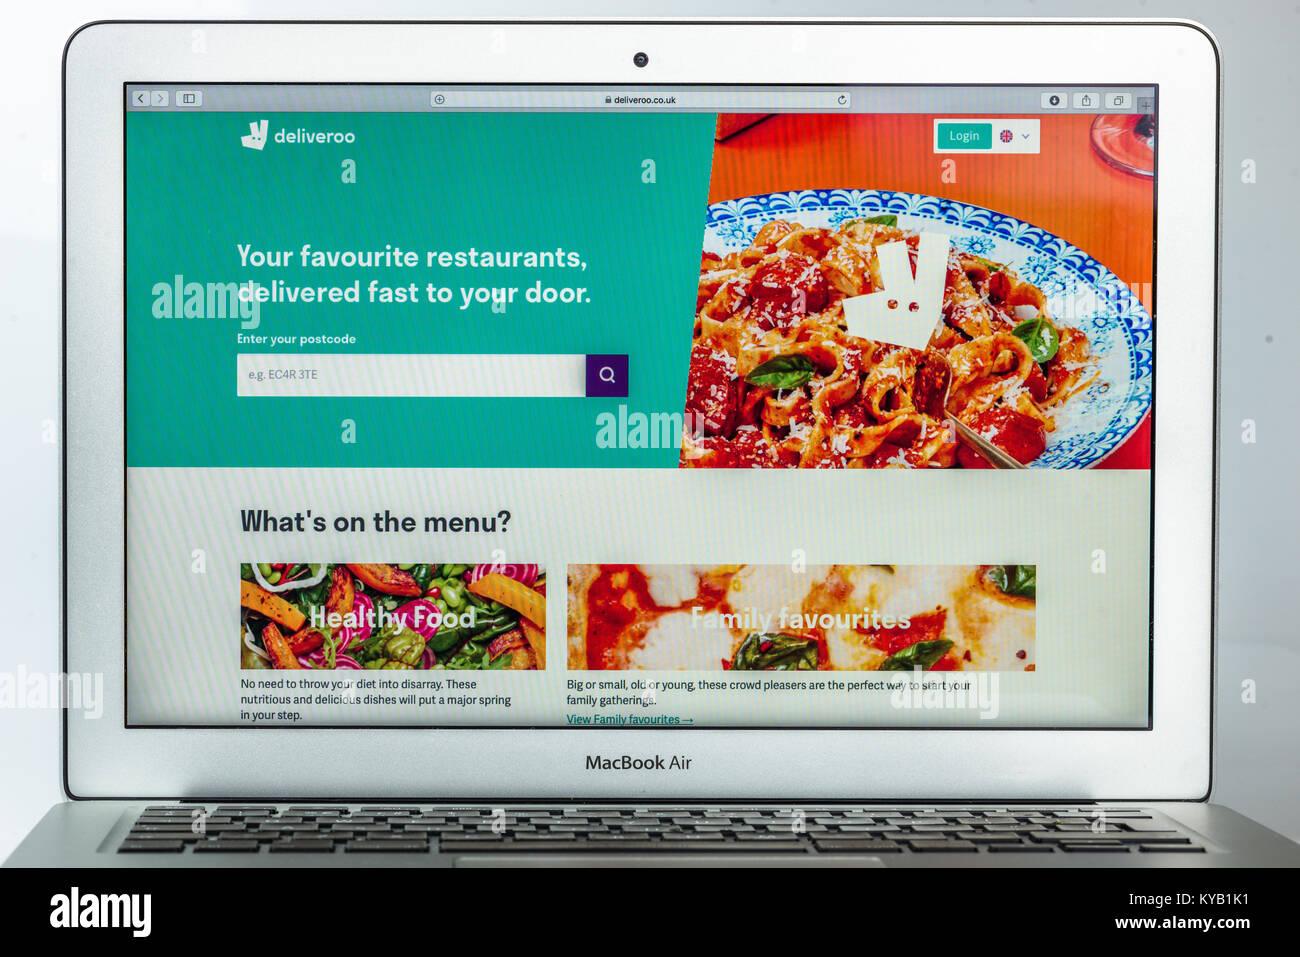 La página de inicio del sitio web oficial de Deliveroo - la empresa de distribución de alimentos en línea Imagen De Stock